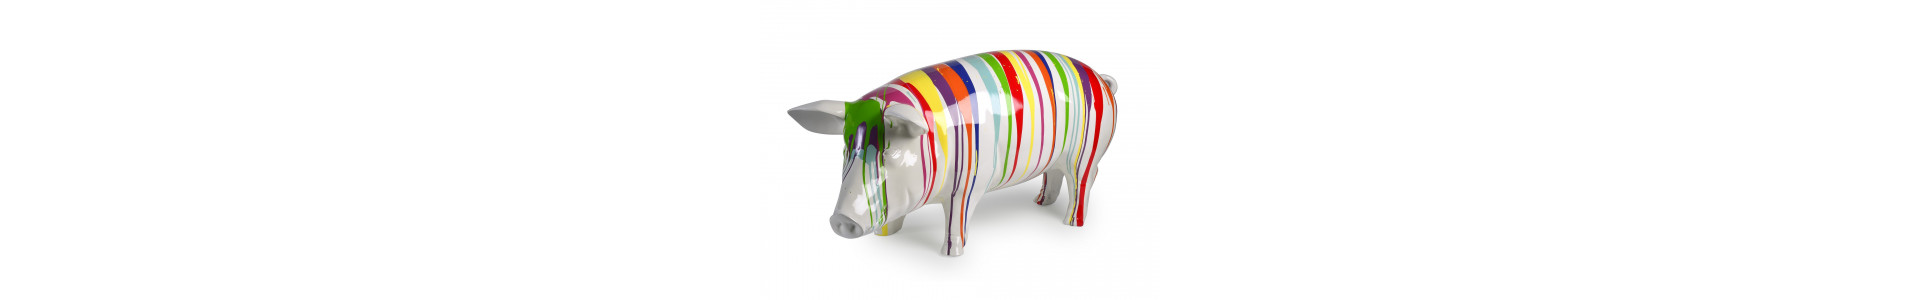 Achat en ligne des produits à base de porc - LARIGNON